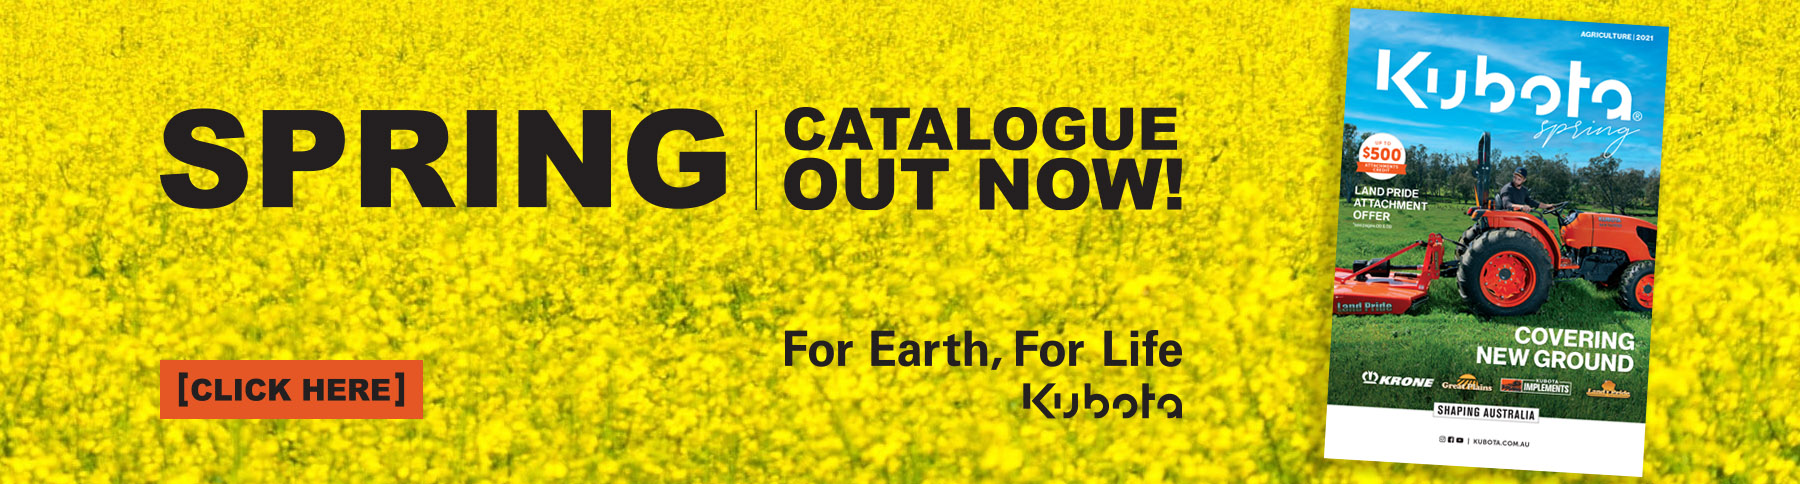 Roylances_Kubota_Spring_2021_catalog_web_header_0721